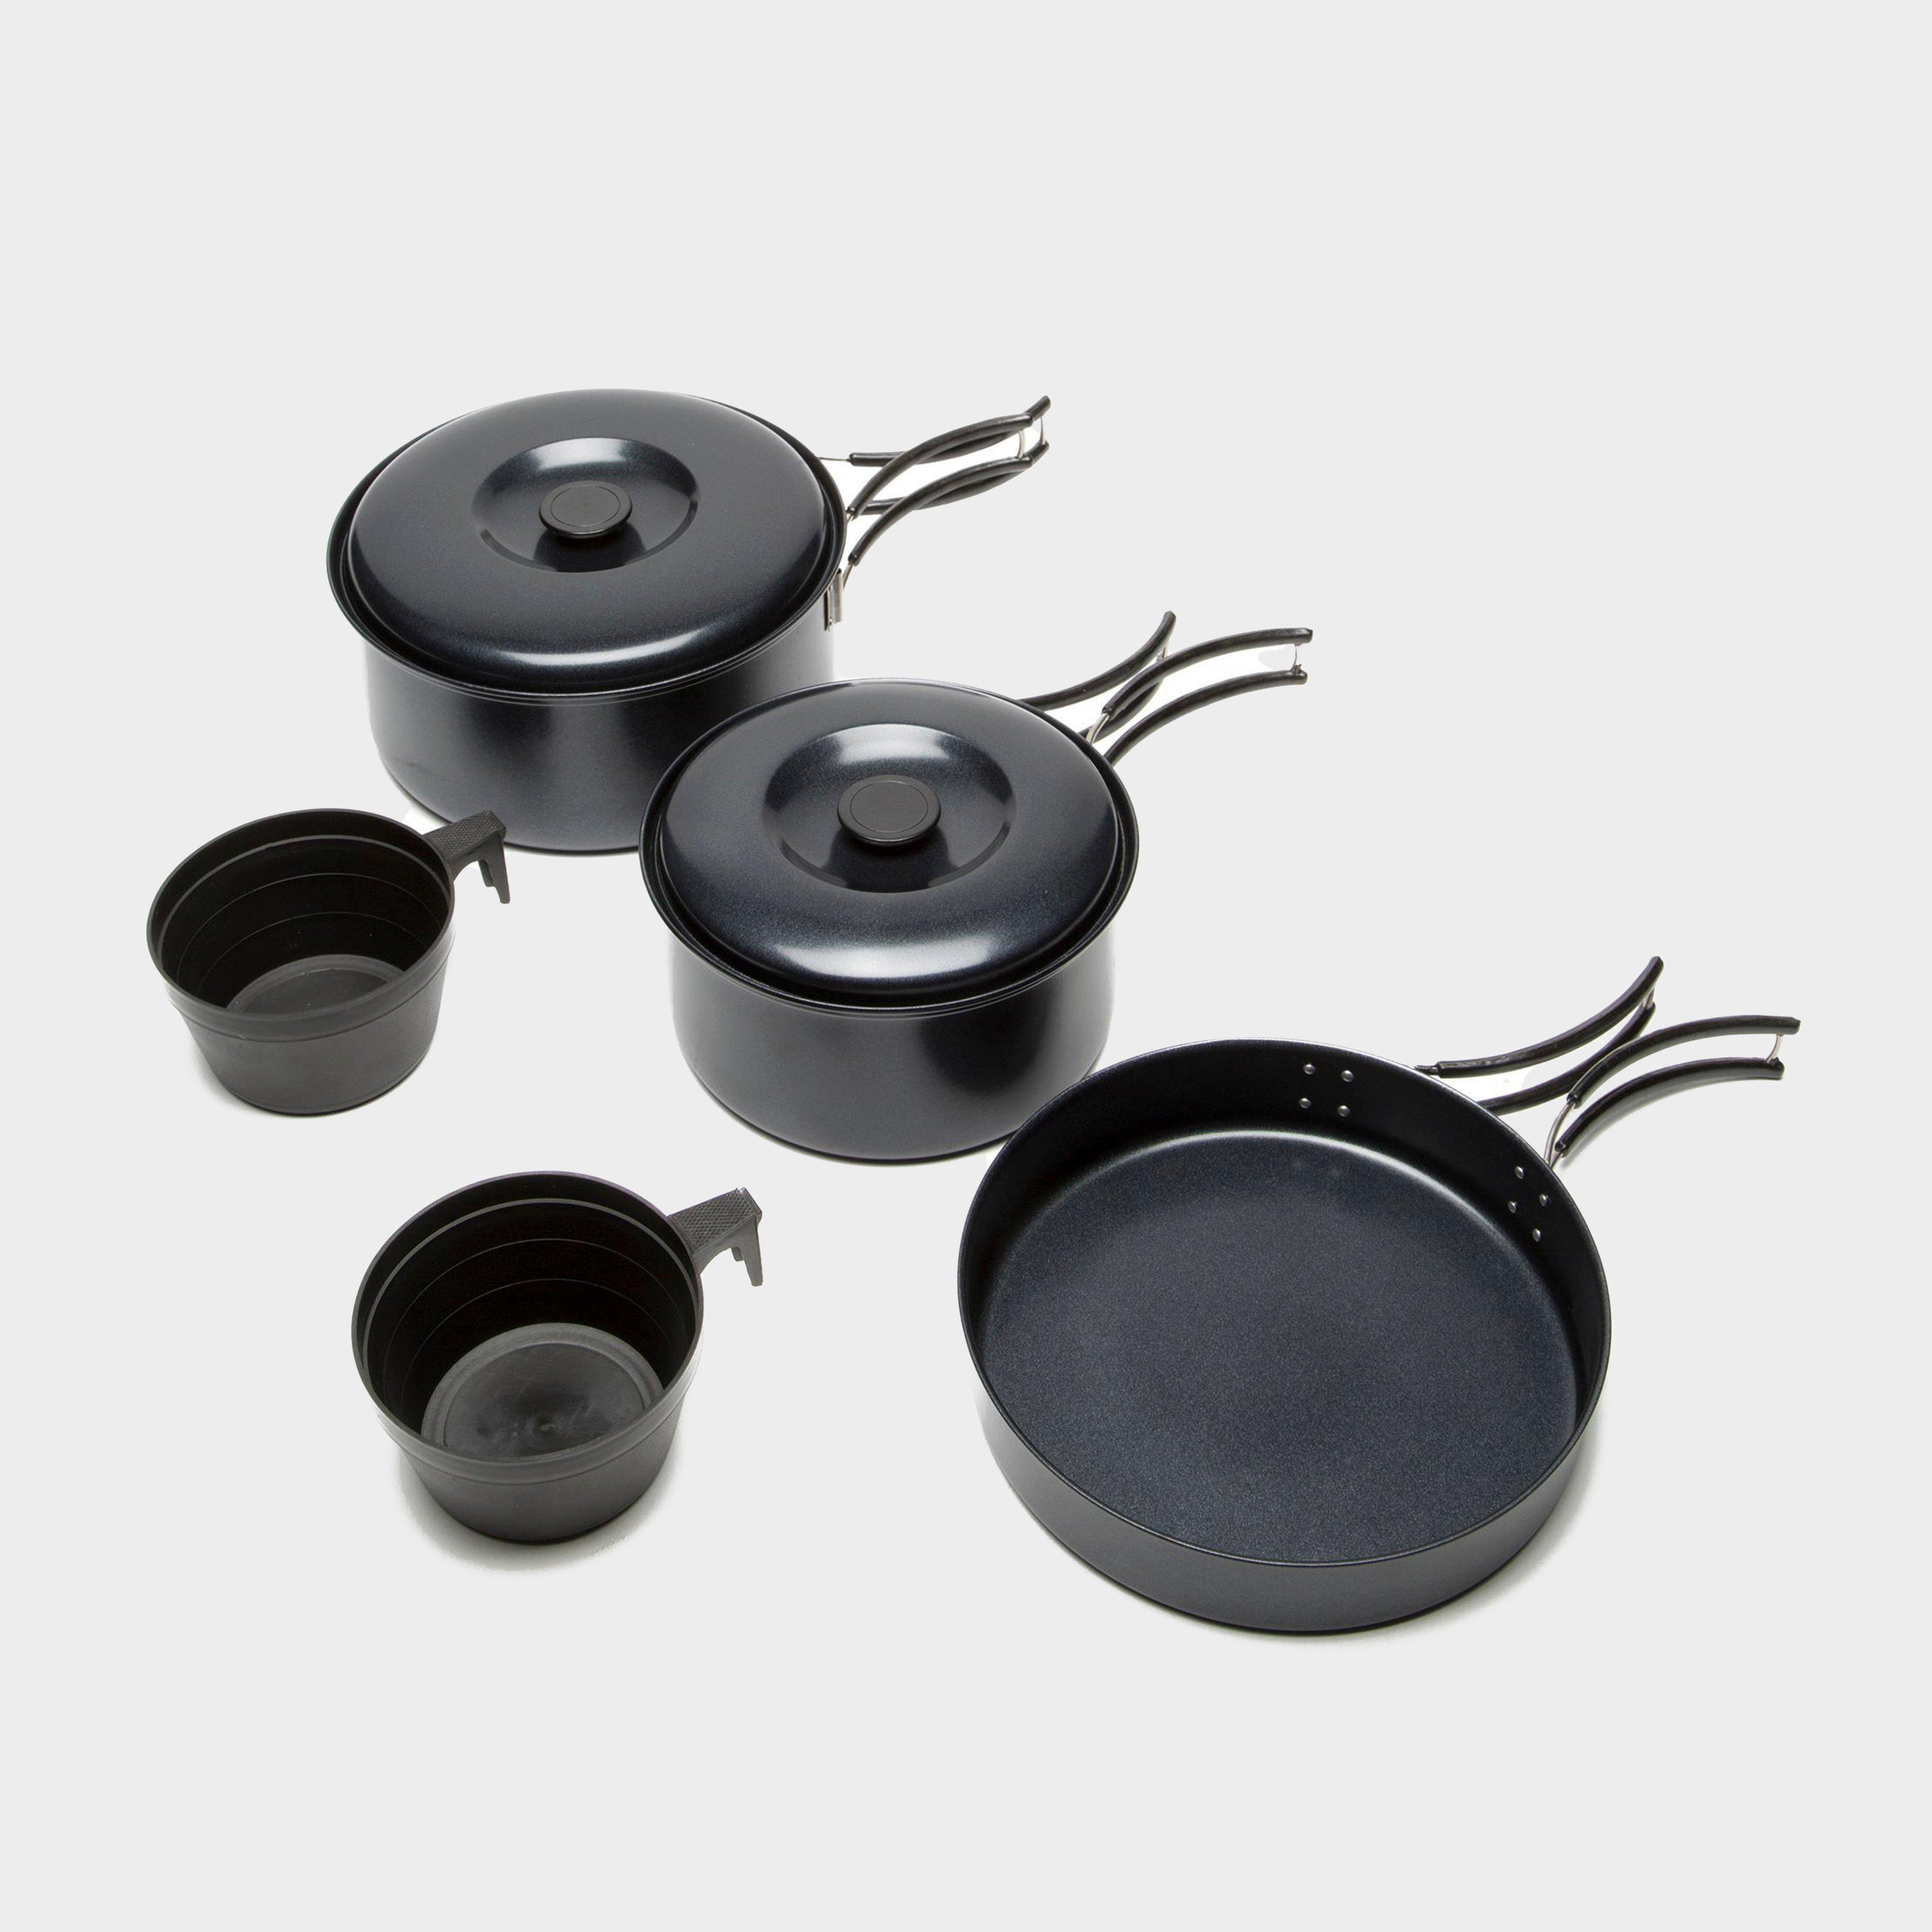 Vango Non-stick Cook Kit 2 Person - Multi/asso  Multi/asso